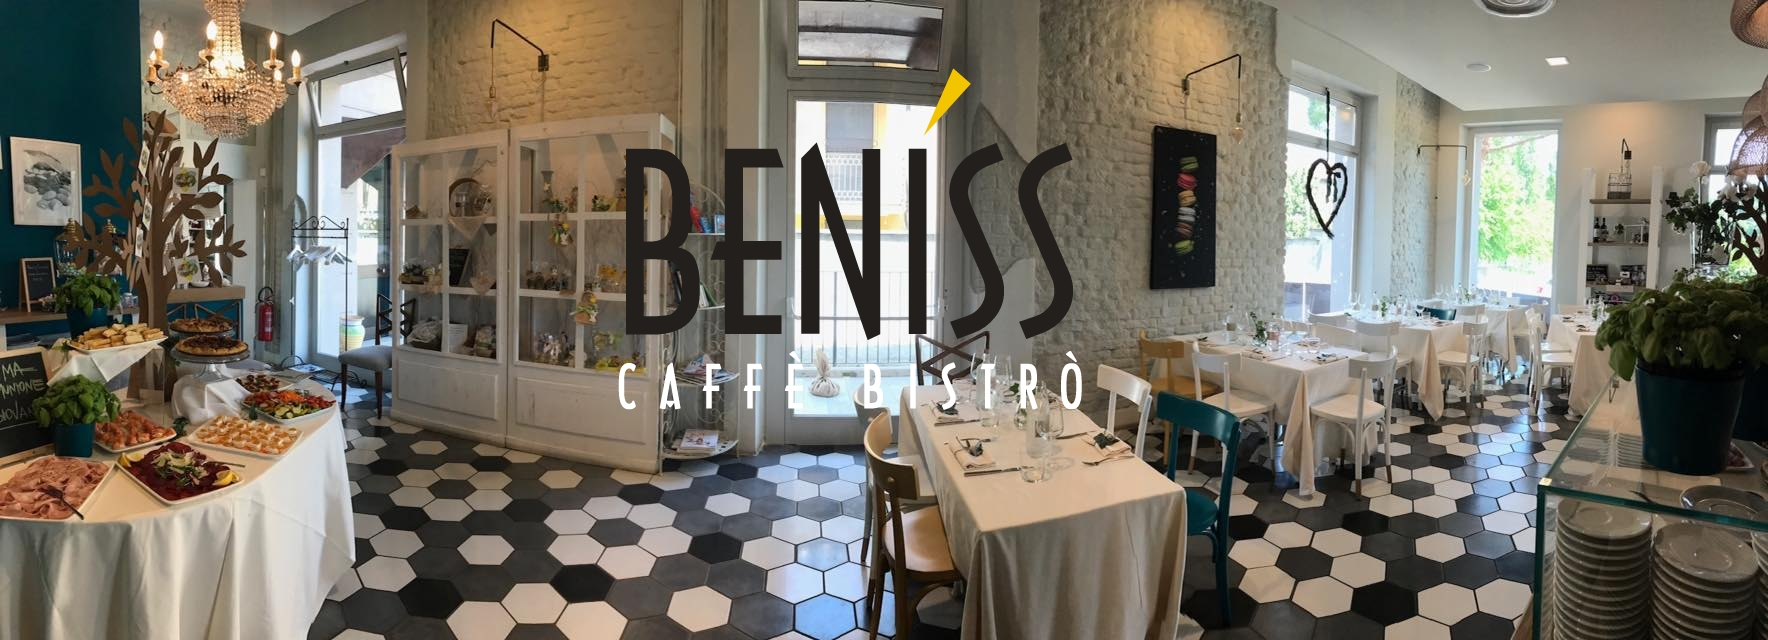 Benìss Caffè Bistrò